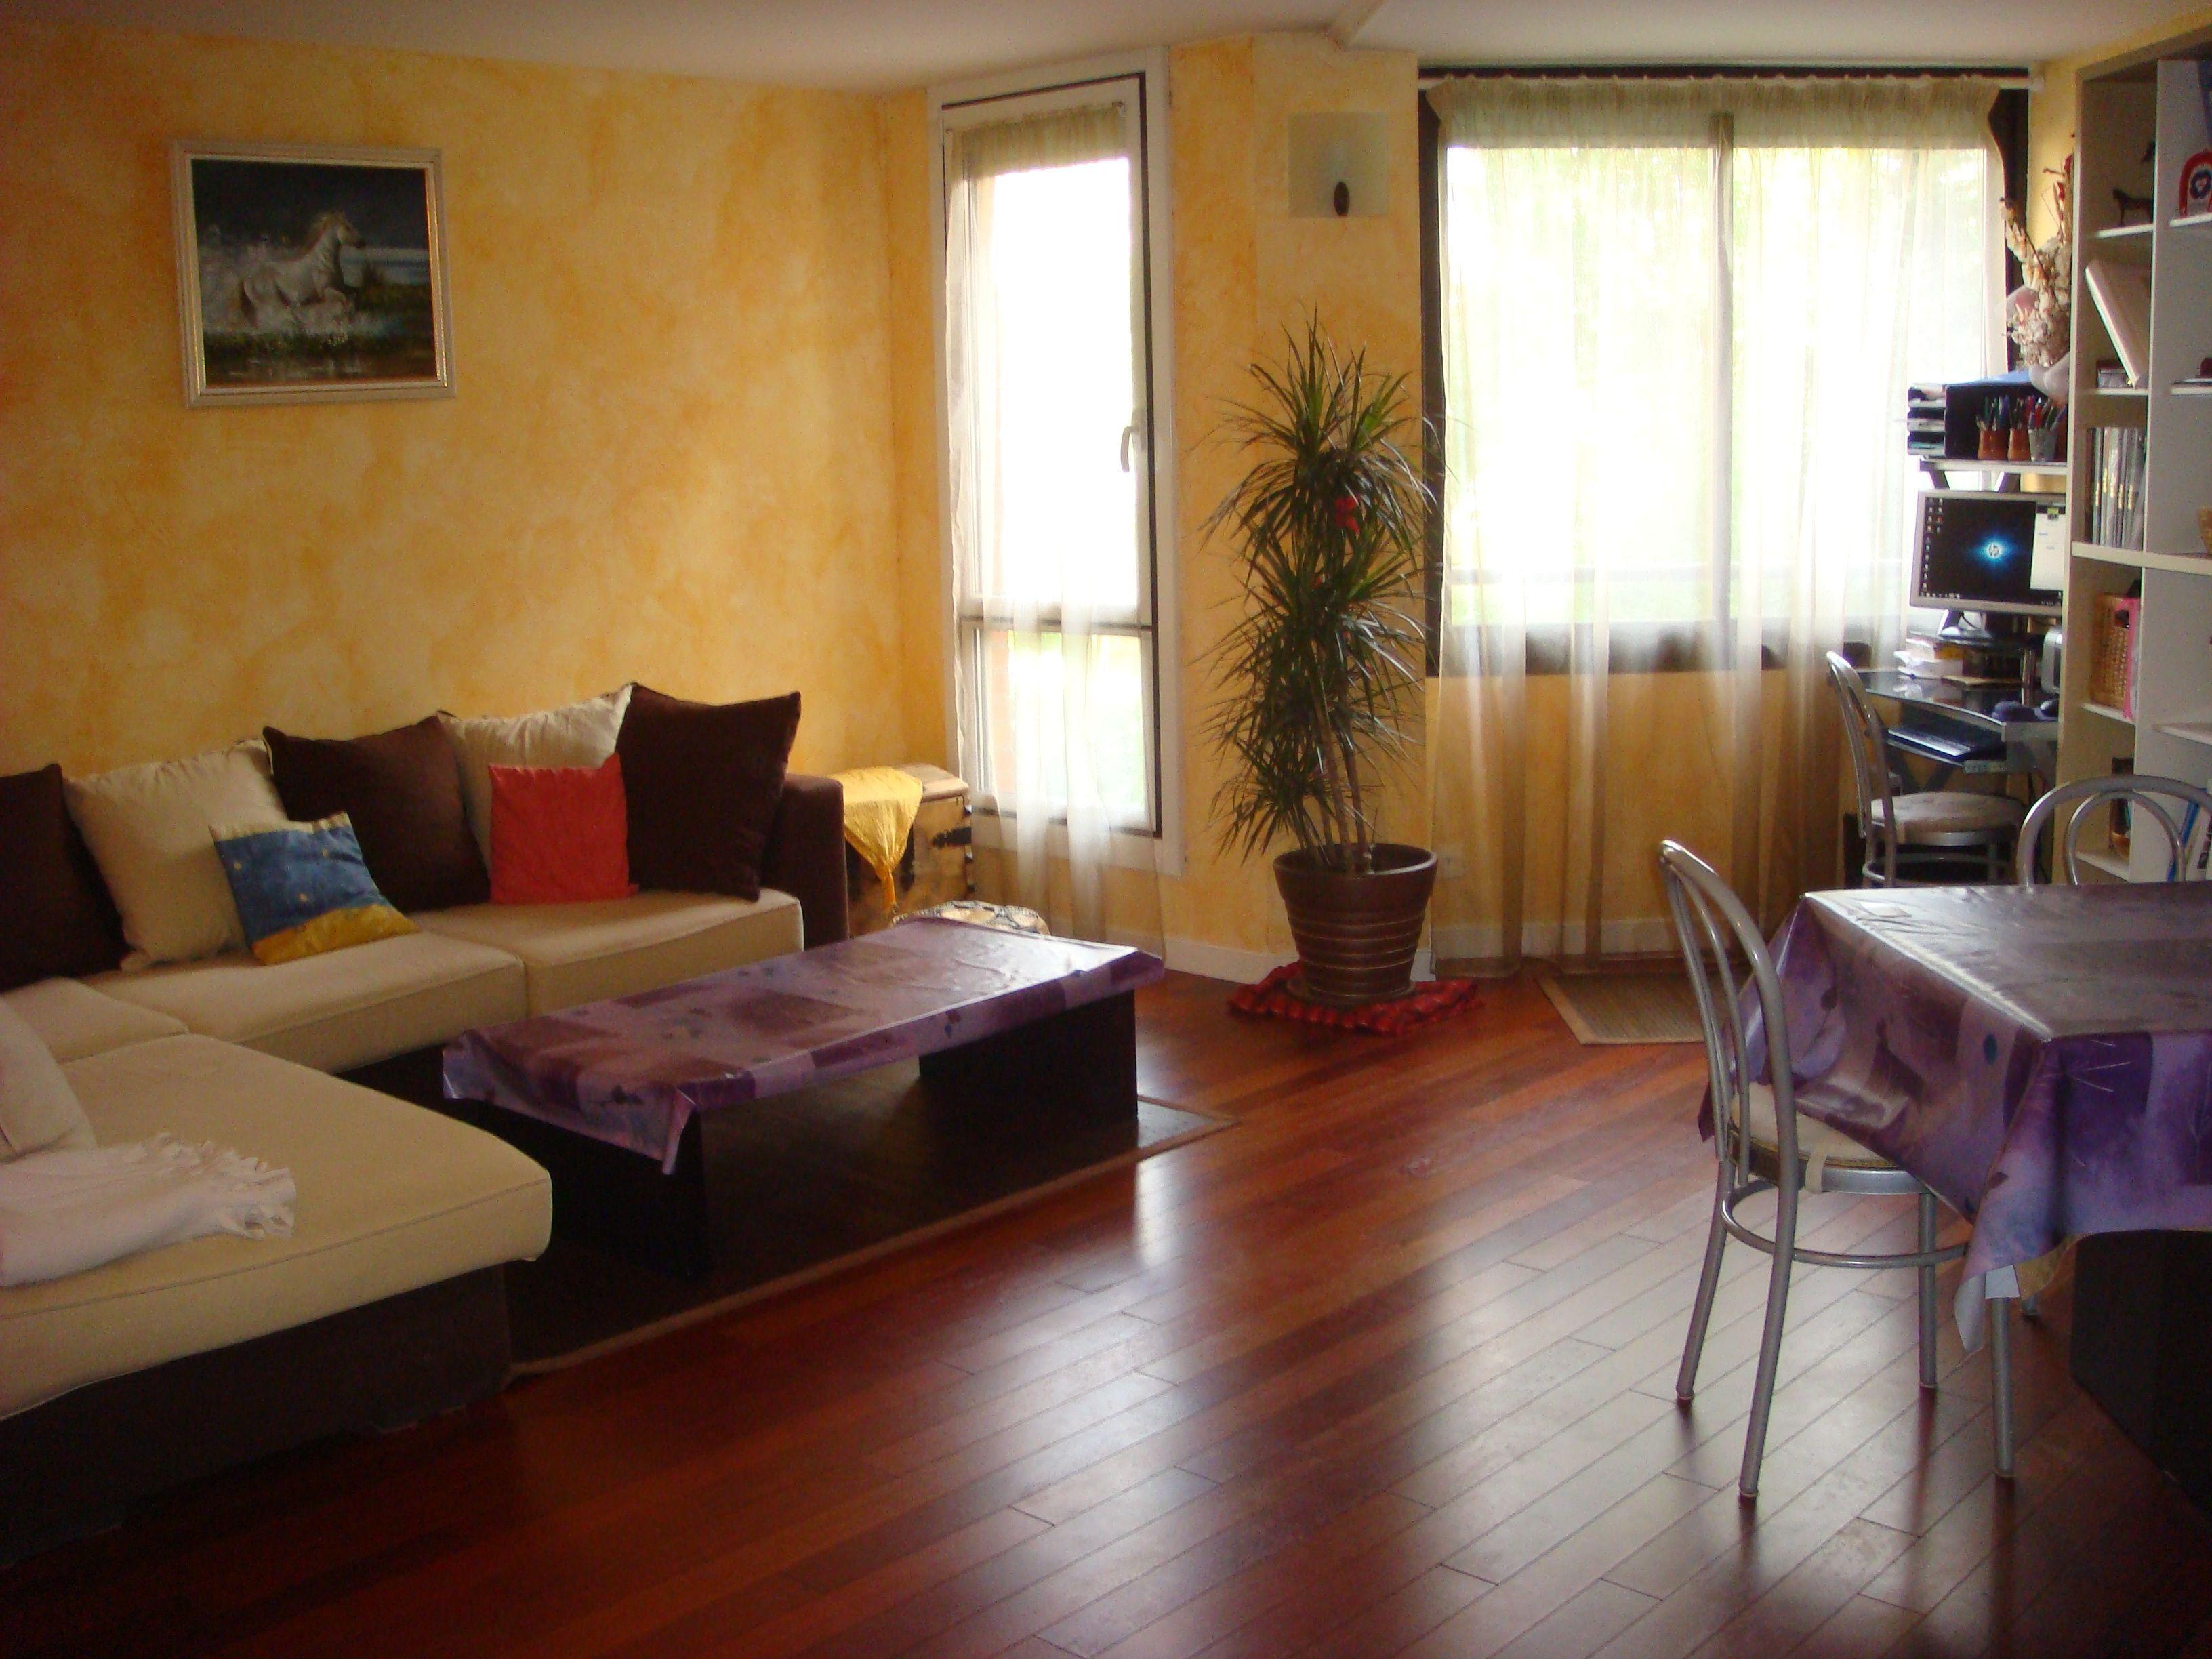 vente appartement f3. Black Bedroom Furniture Sets. Home Design Ideas